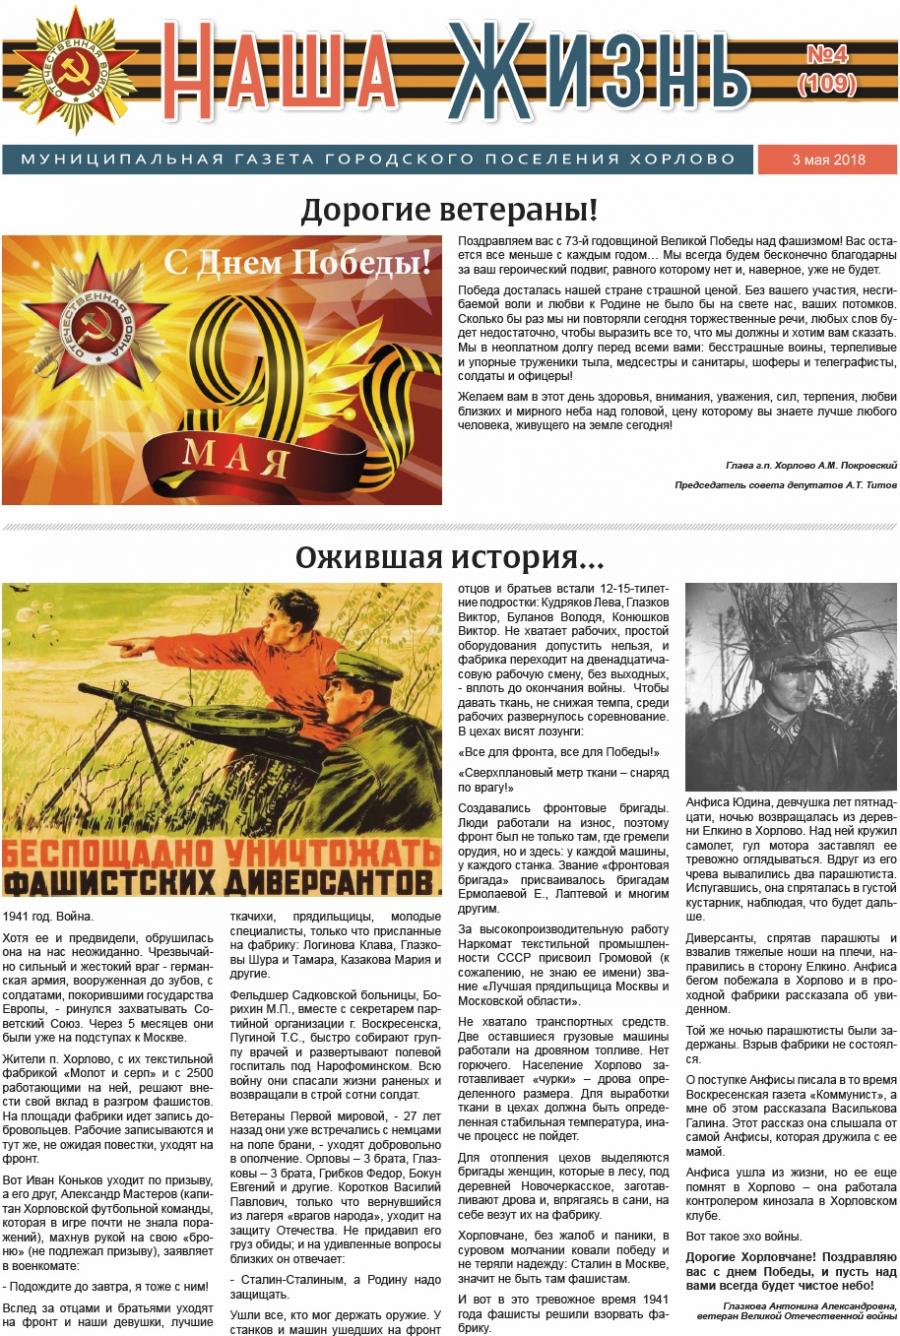 """Газета """"Наша жизнь"""" - 3 мая 2018 года"""